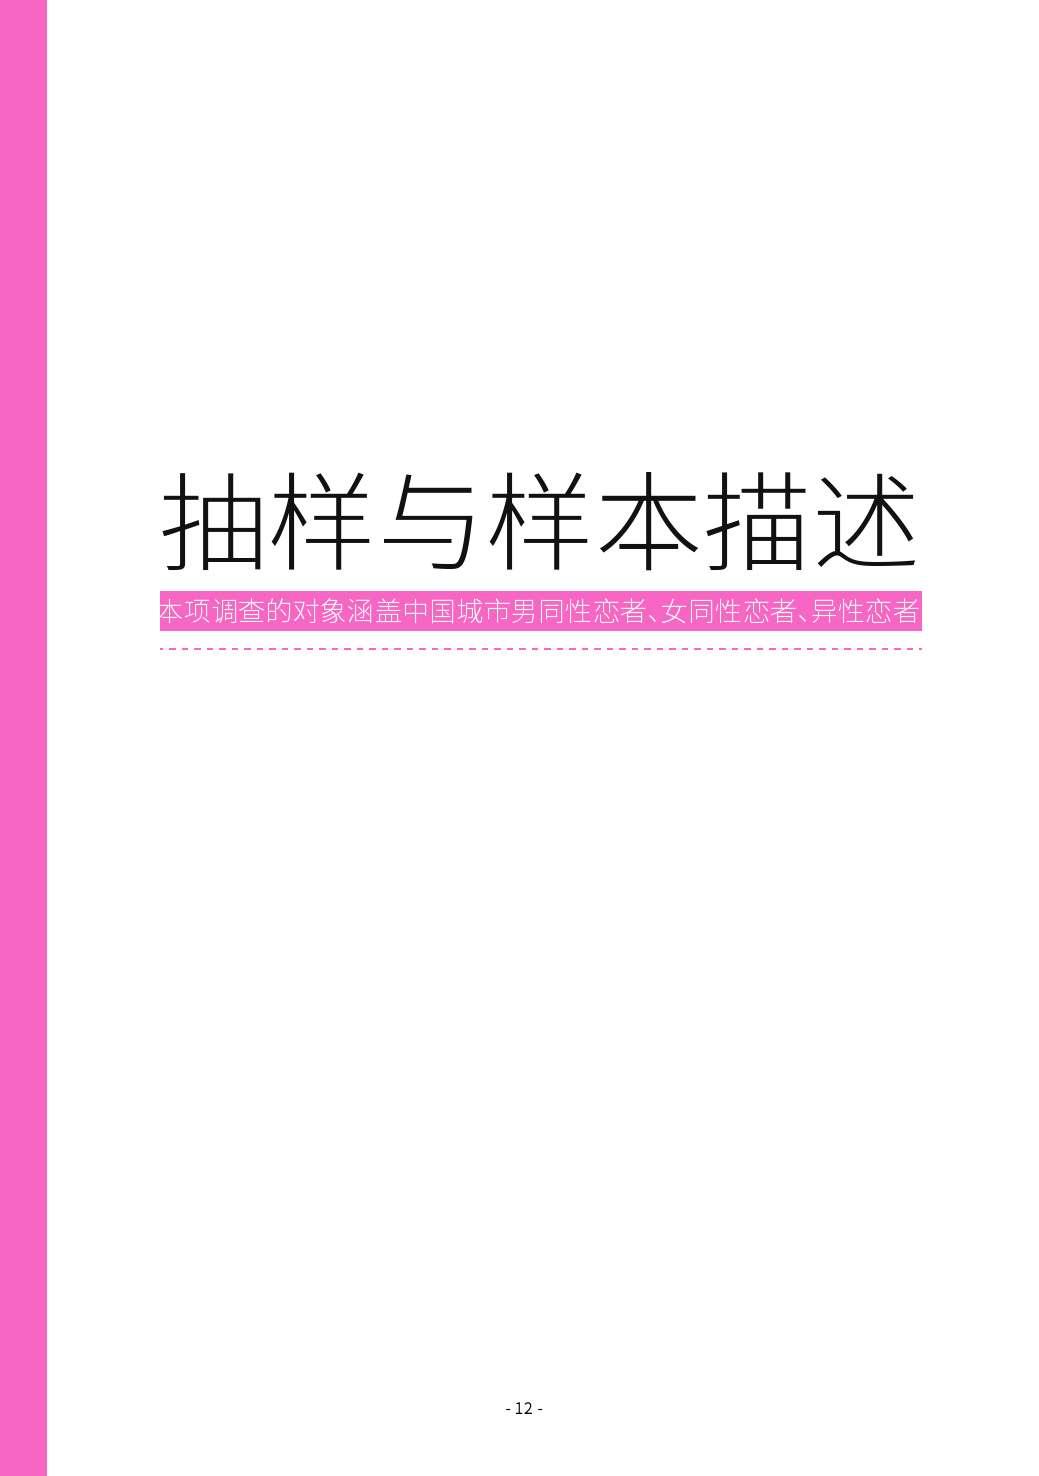 第二届中国LGBT群体消费调查报告_000012